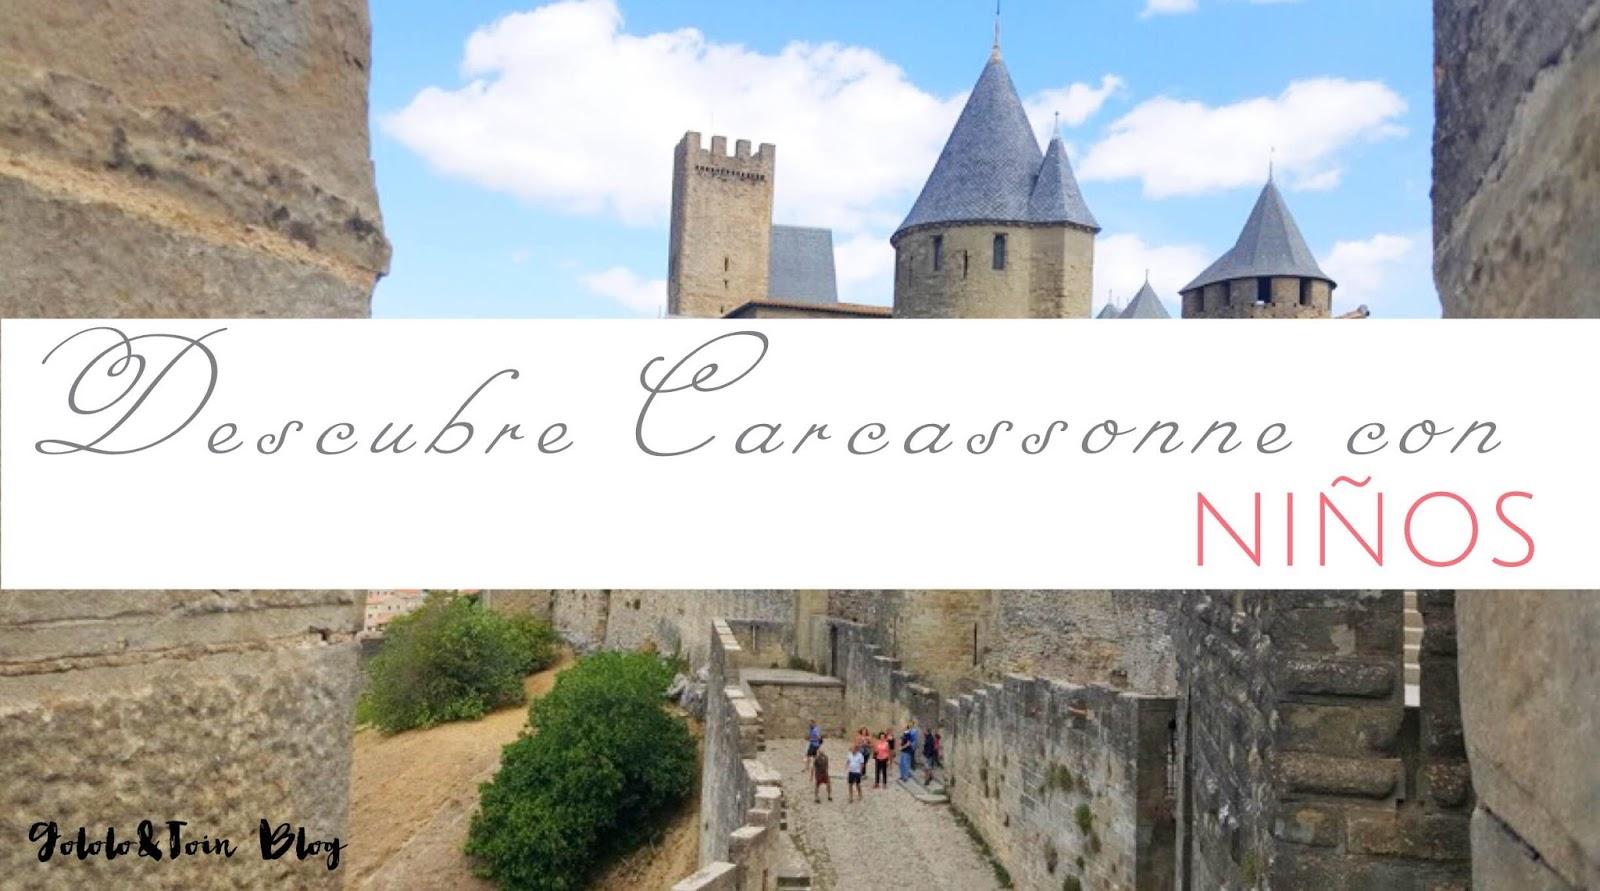 Descubre Carcassonne con niños